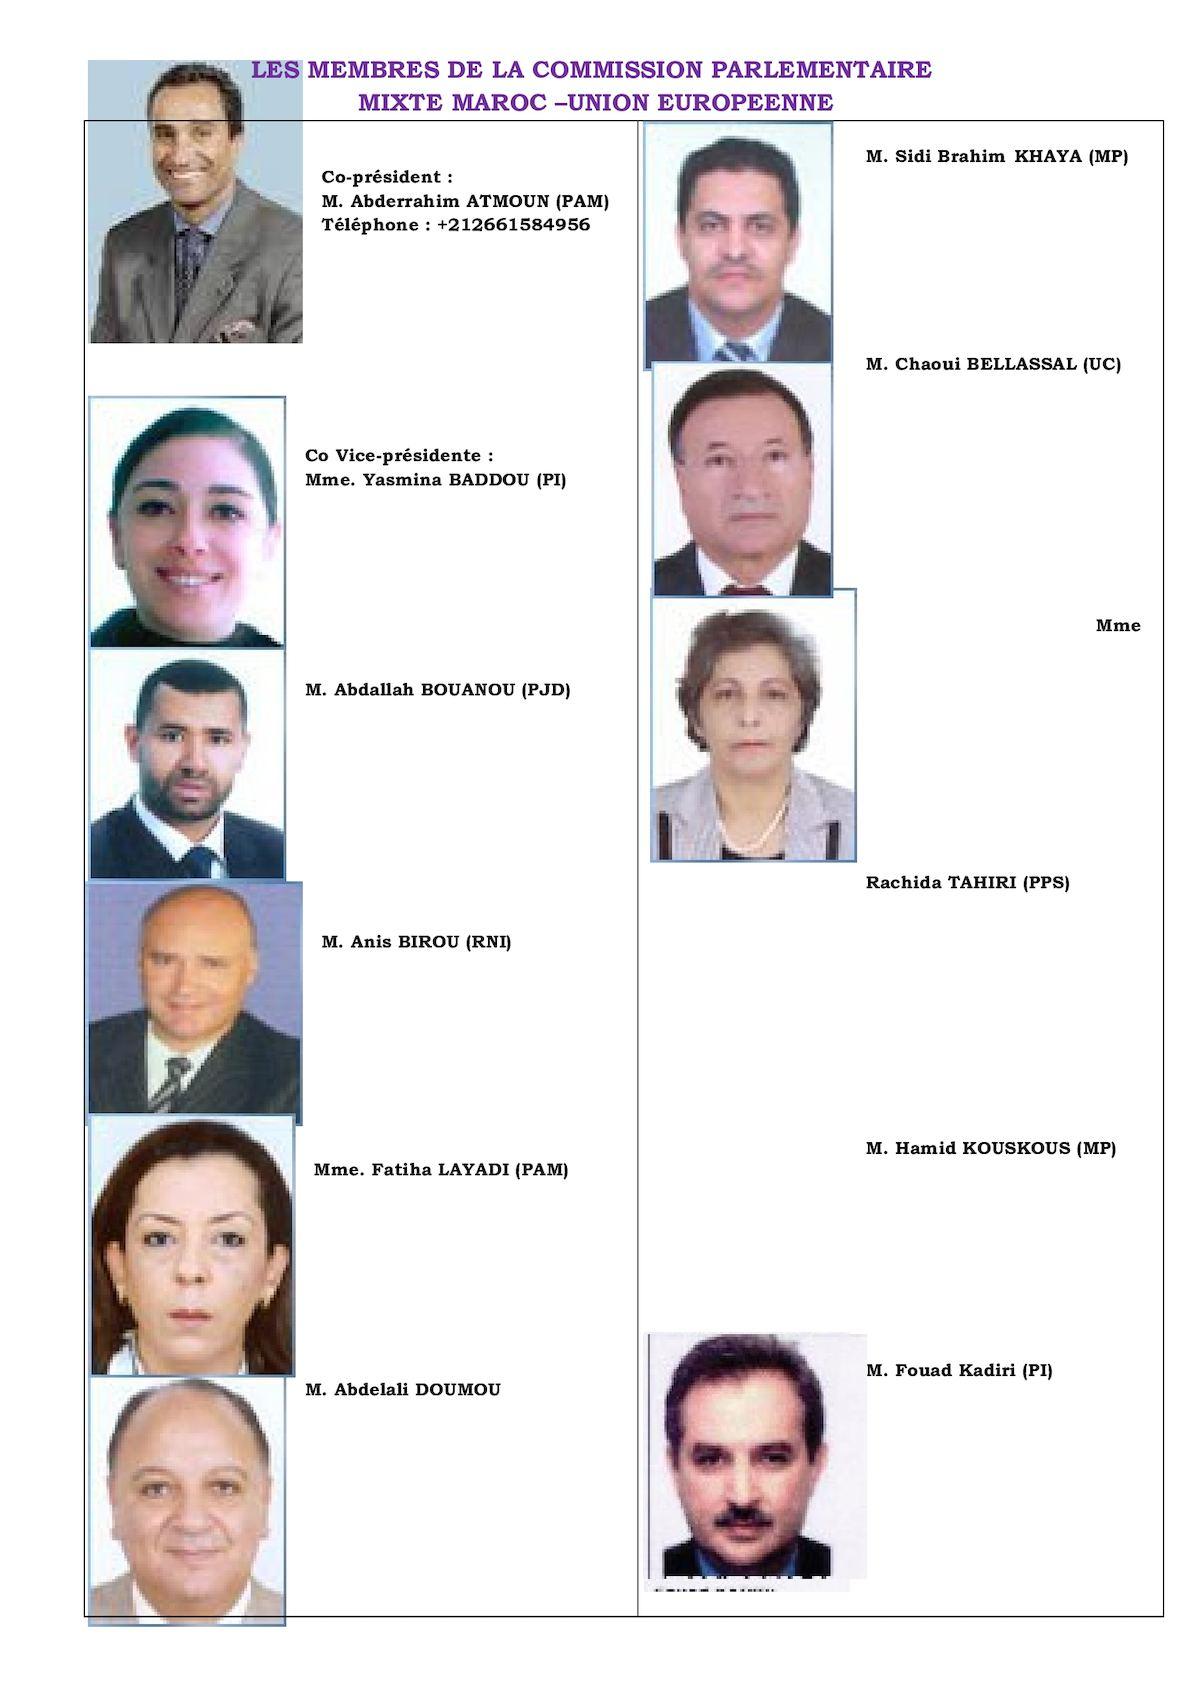 Liste Des Membres Marocains De La CPM Maroc UE